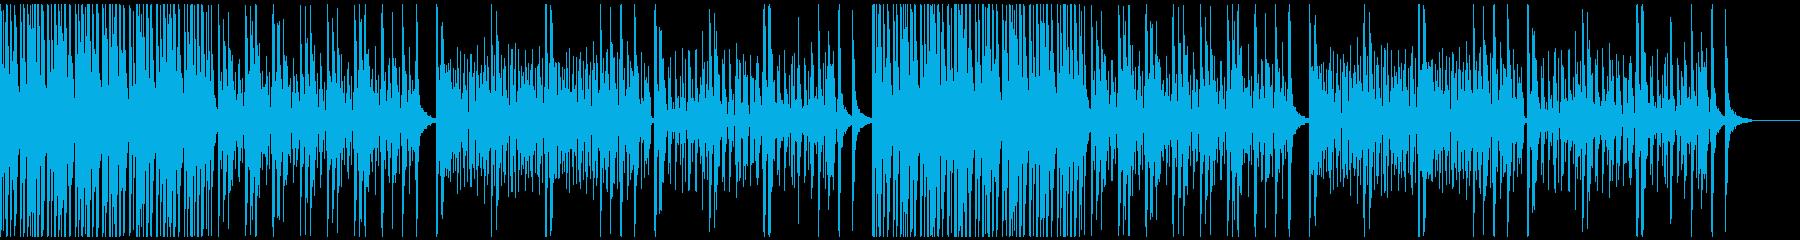 夏を盛り上げるトロピカルハウス・1の再生済みの波形